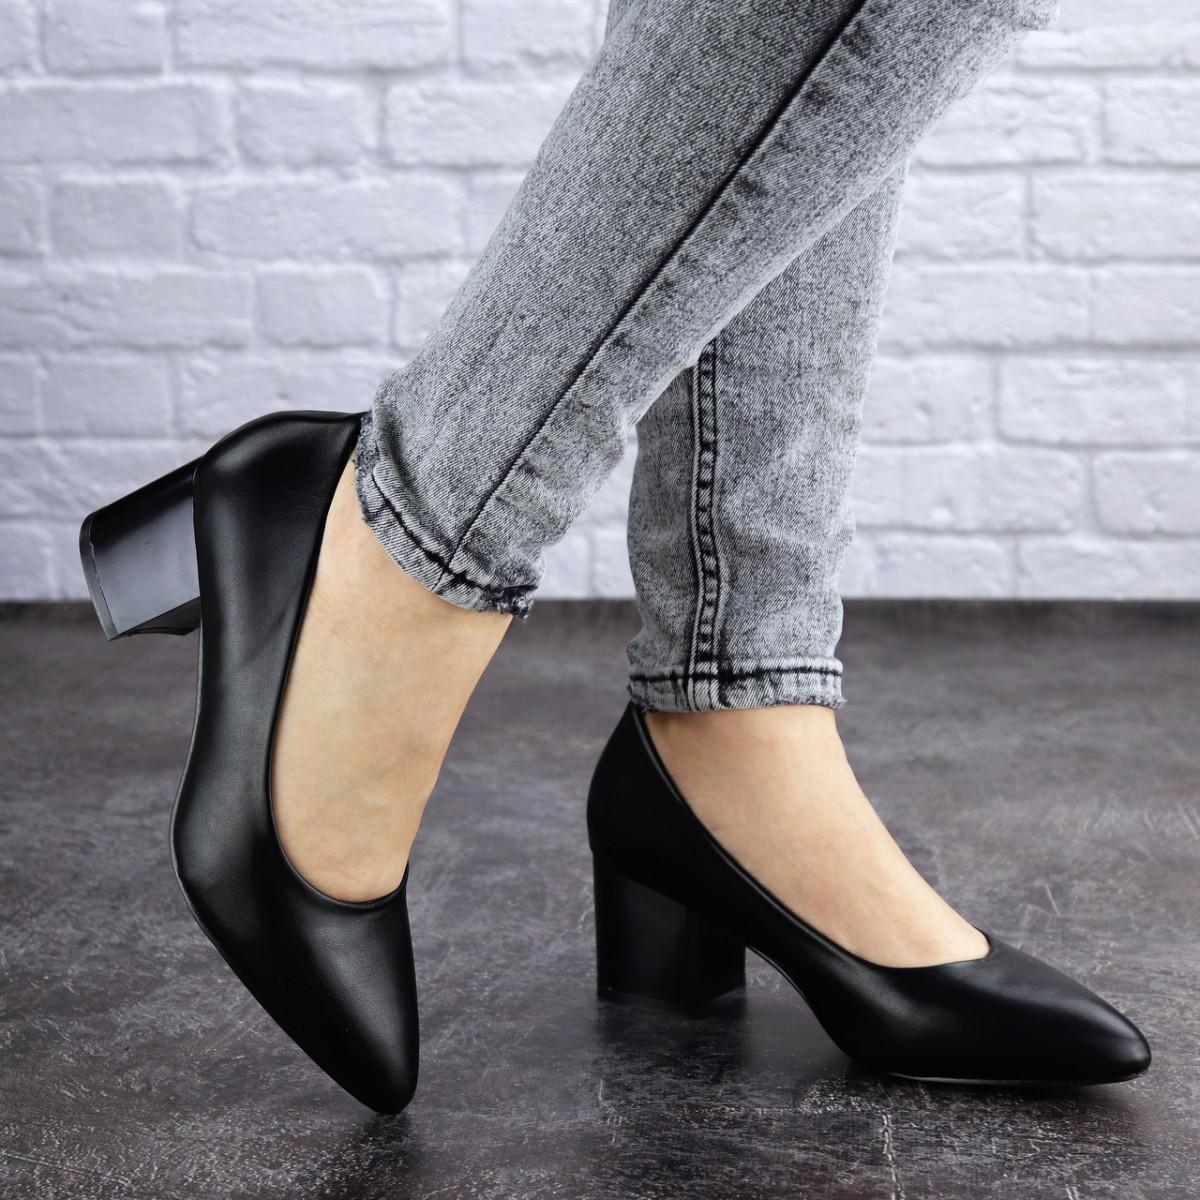 Женские туфли на каблуке черные Pebbles 2009 (37 размер)